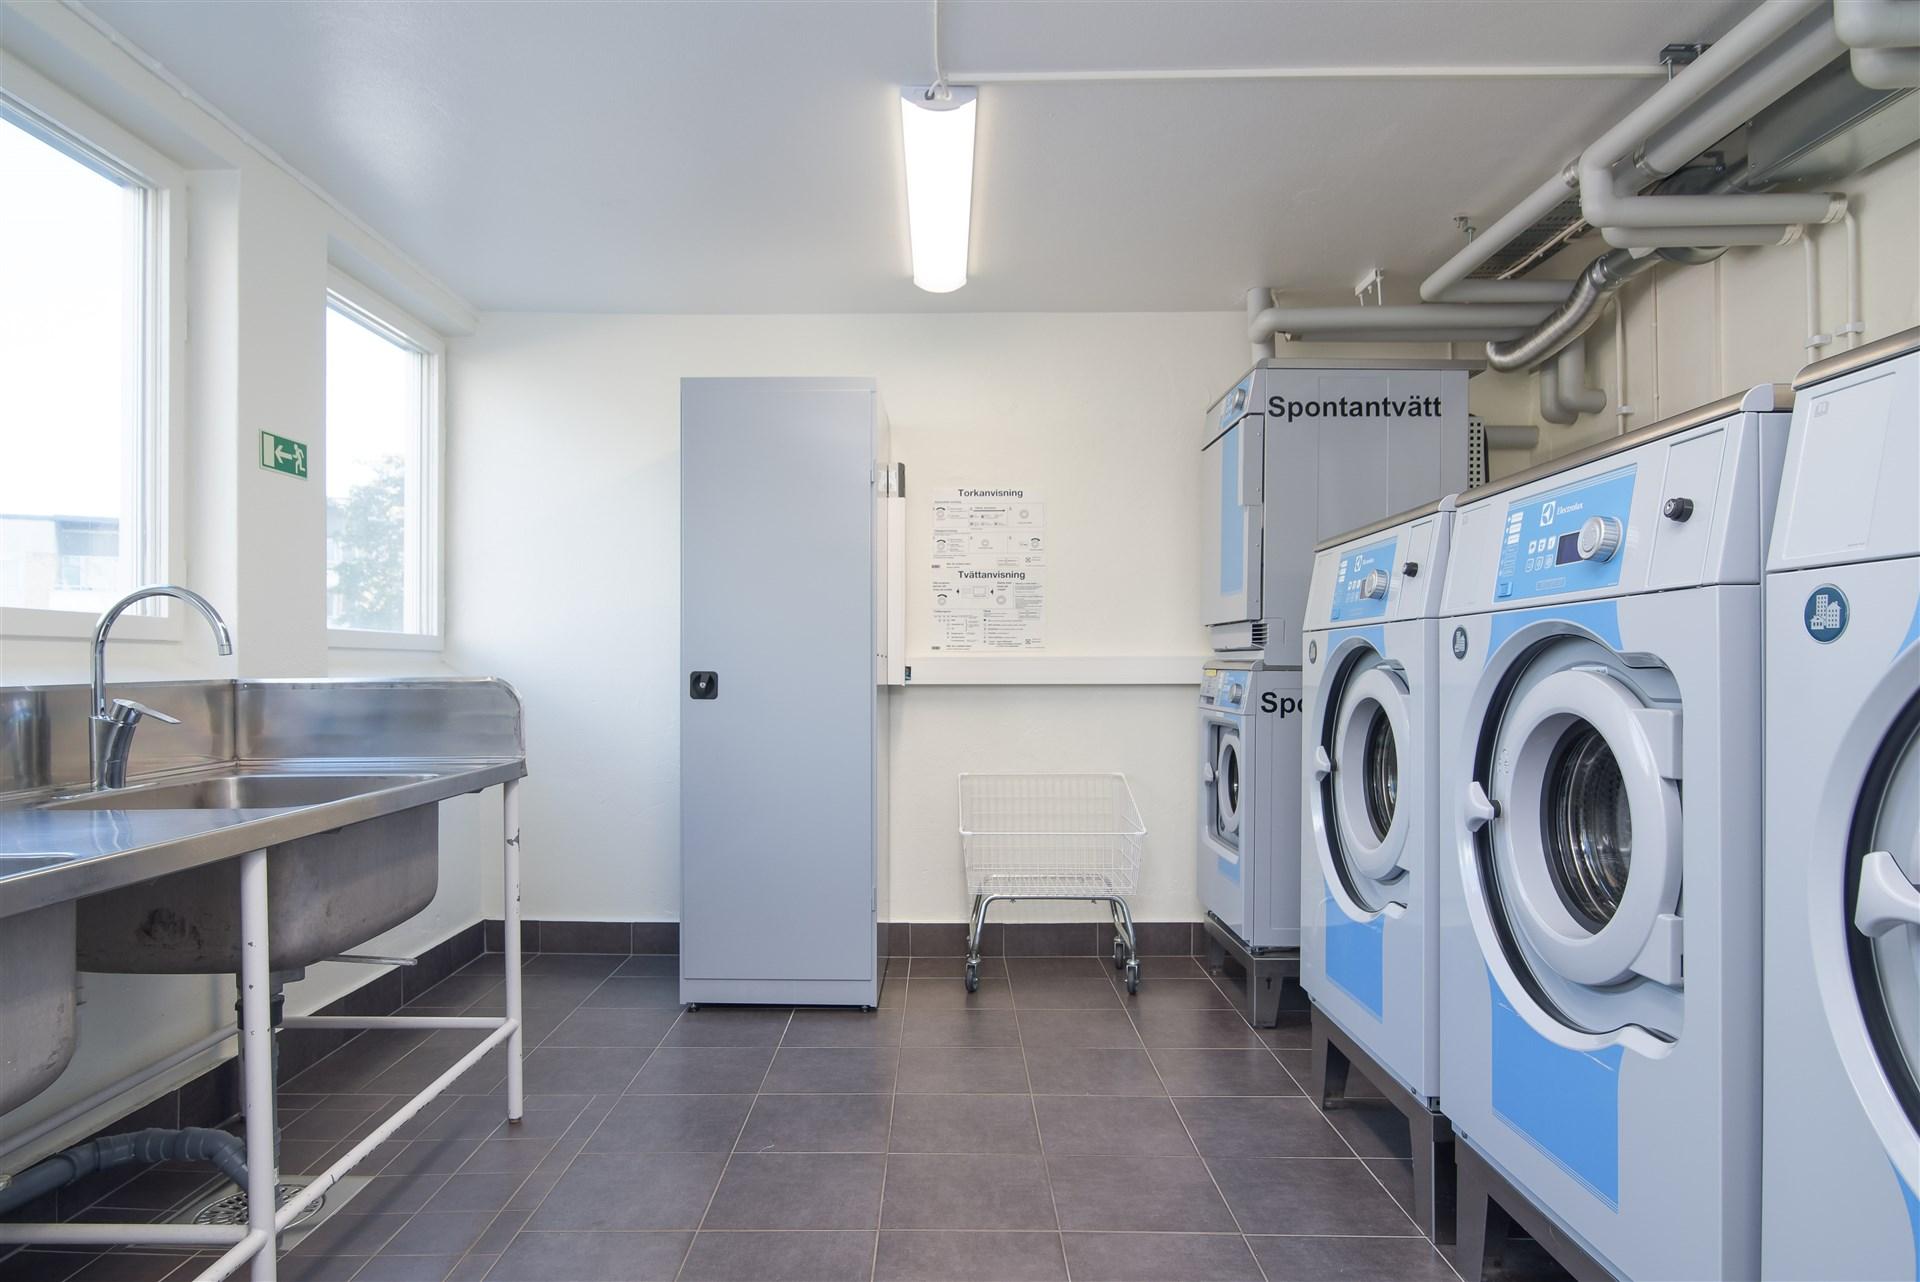 Föreningens gemensamma tvättstuga.